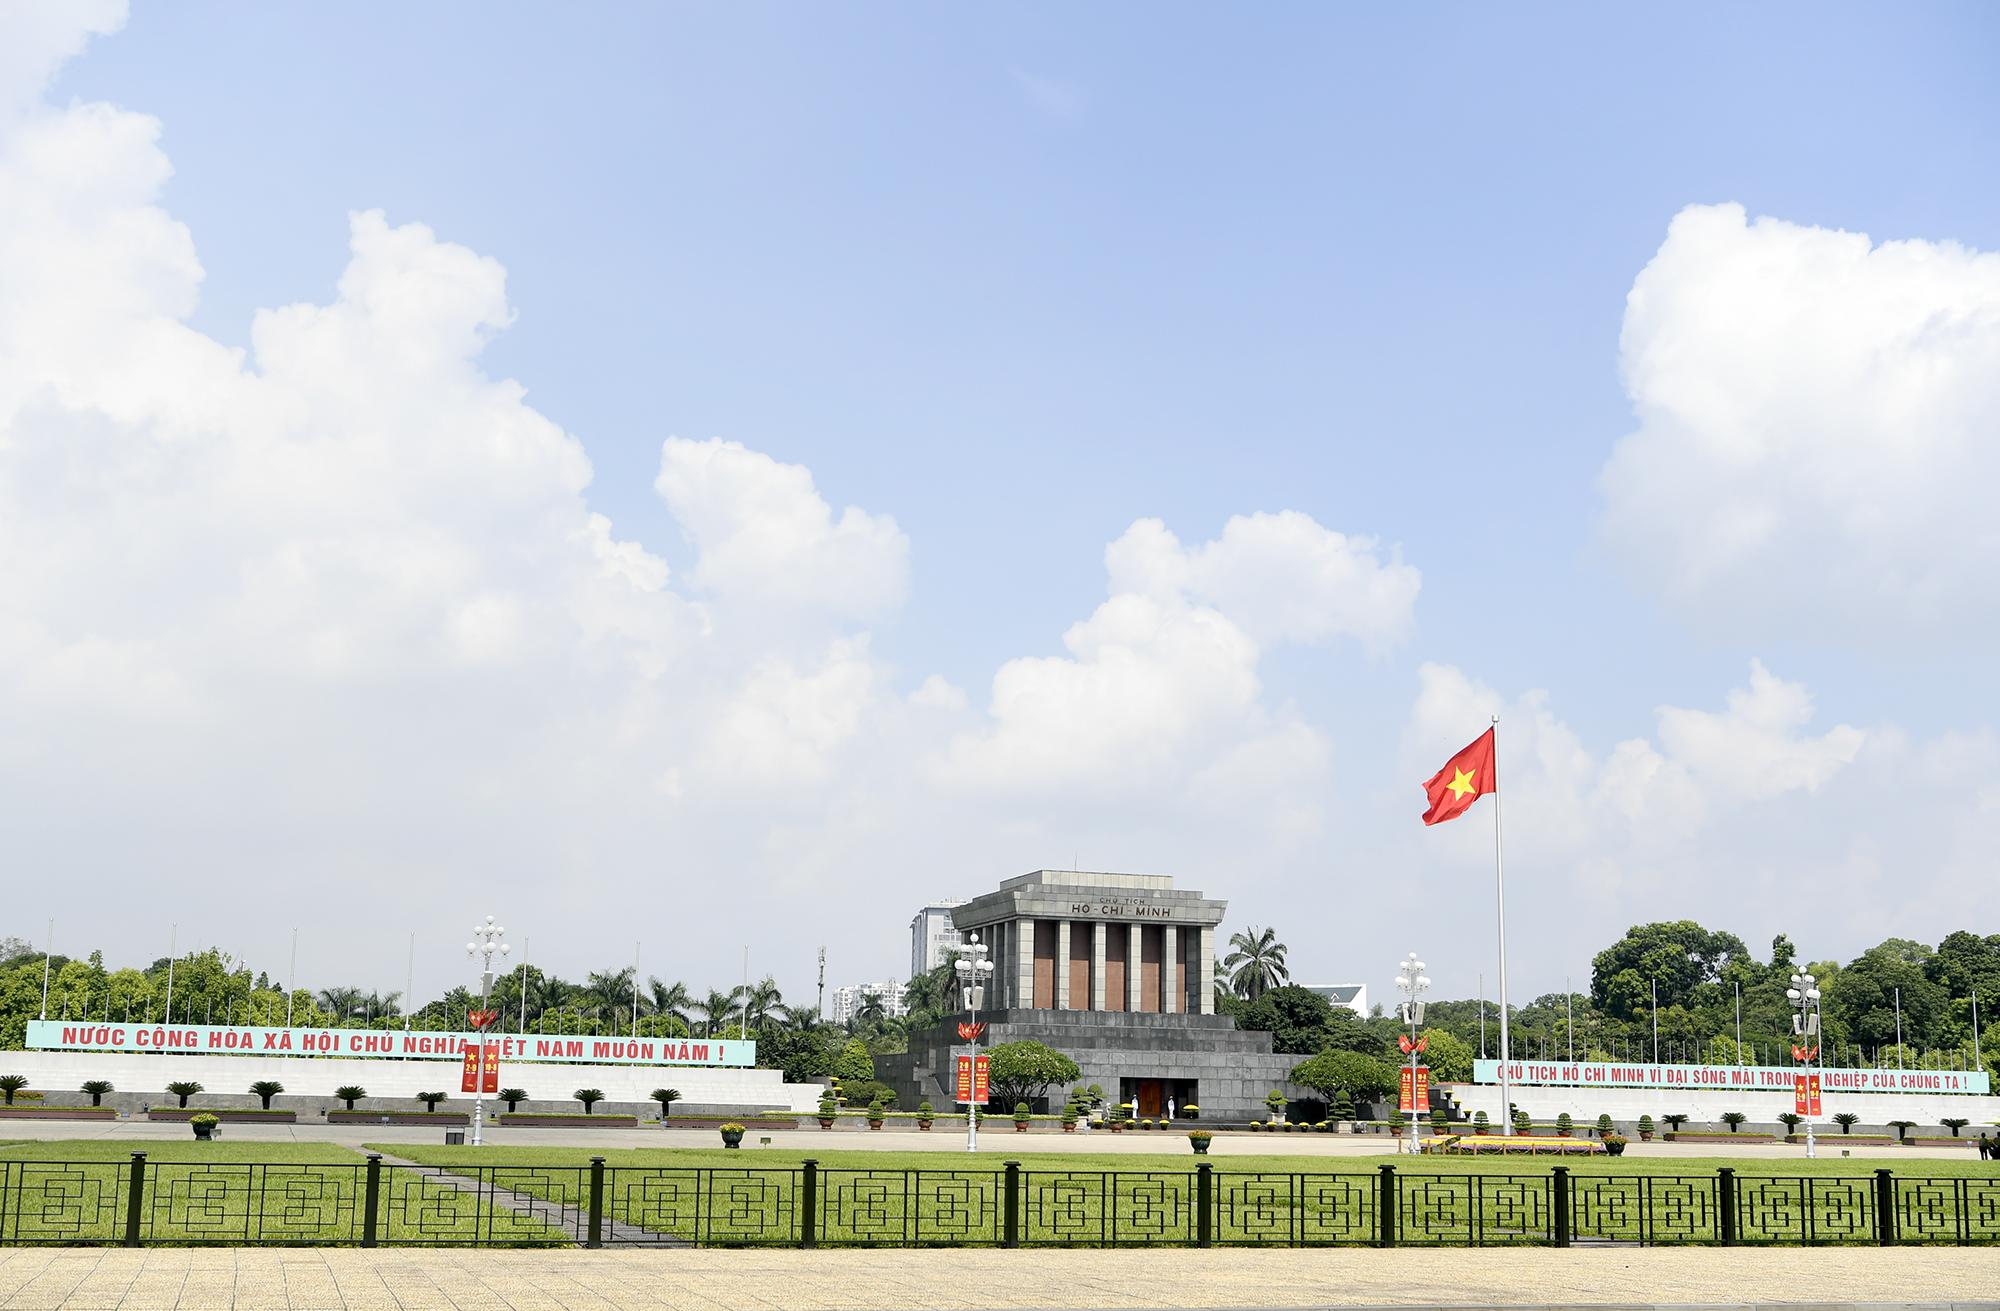 Thủ đô Hà Nội rực đỏ sắc cờ mừng Ngày Quốc khánh